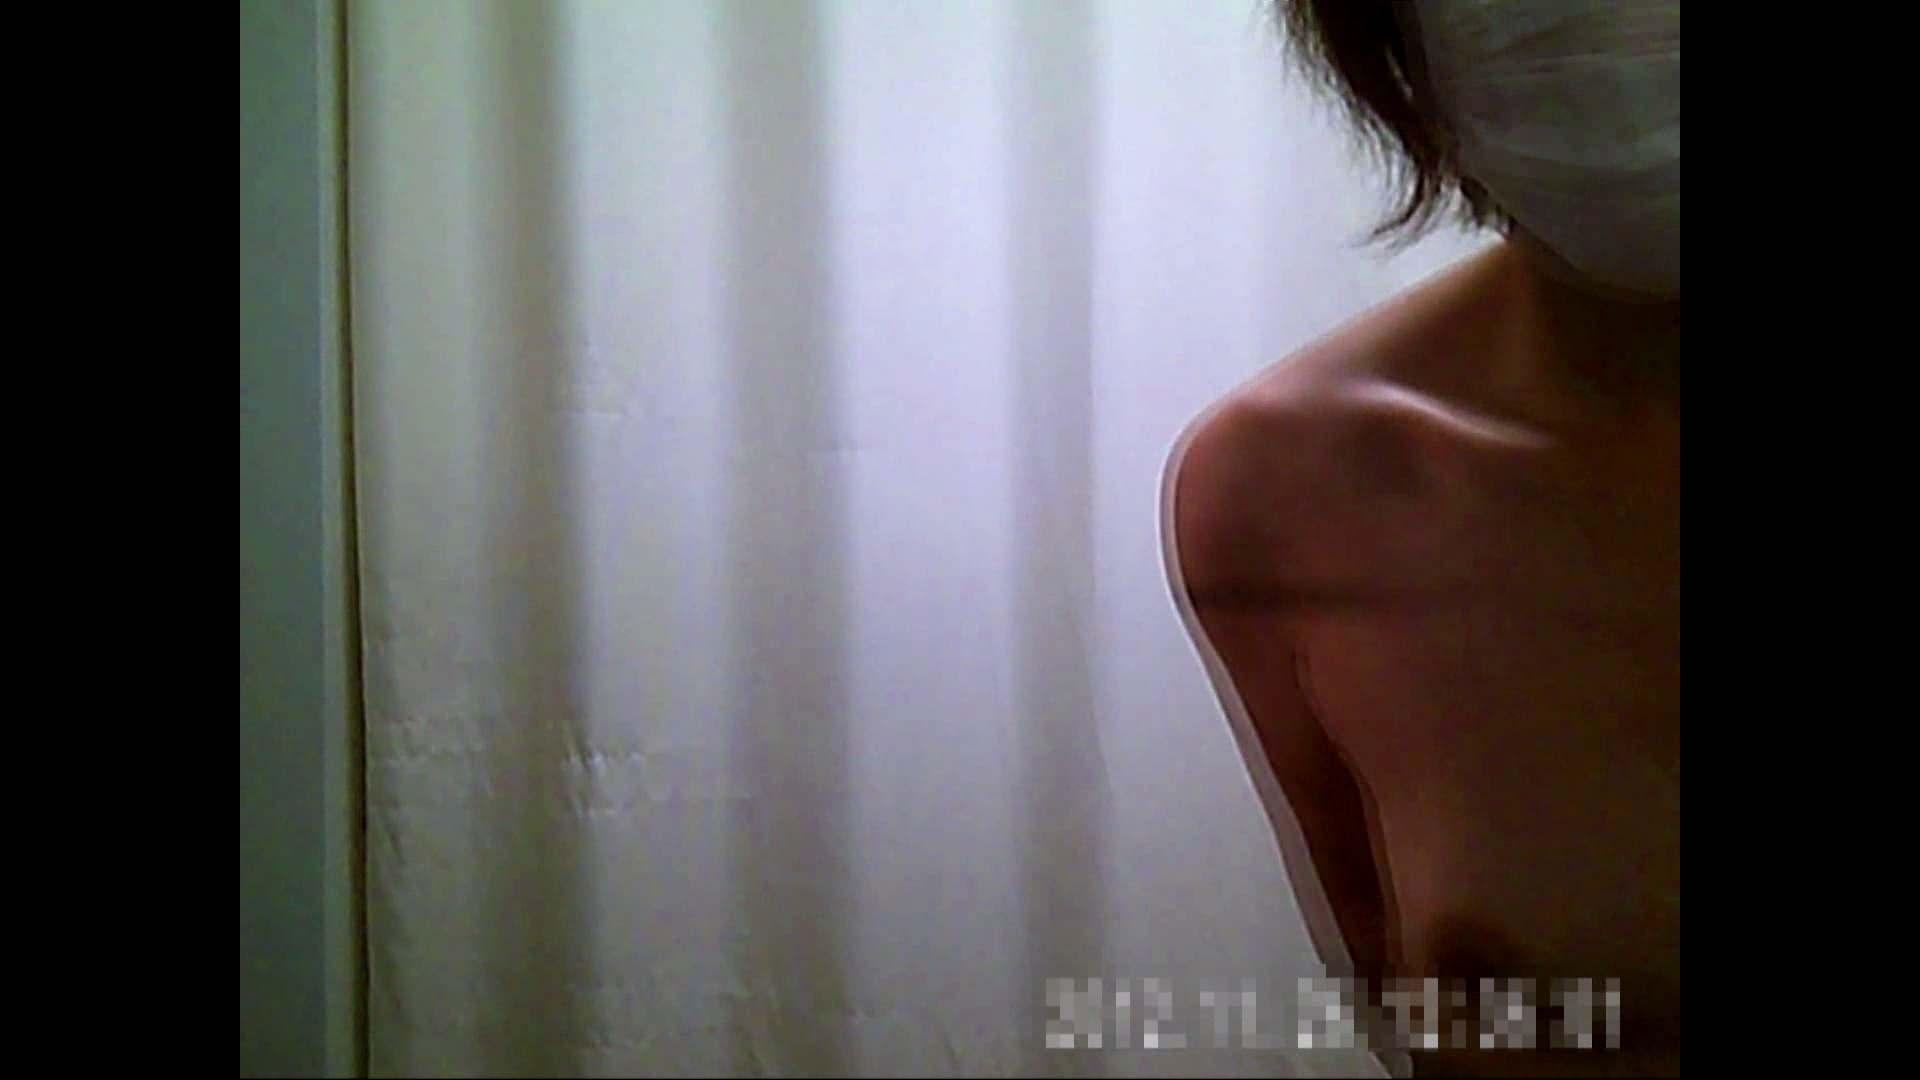 元医者による反抗 更衣室地獄絵巻 vol.281 OL   0  81連発 54